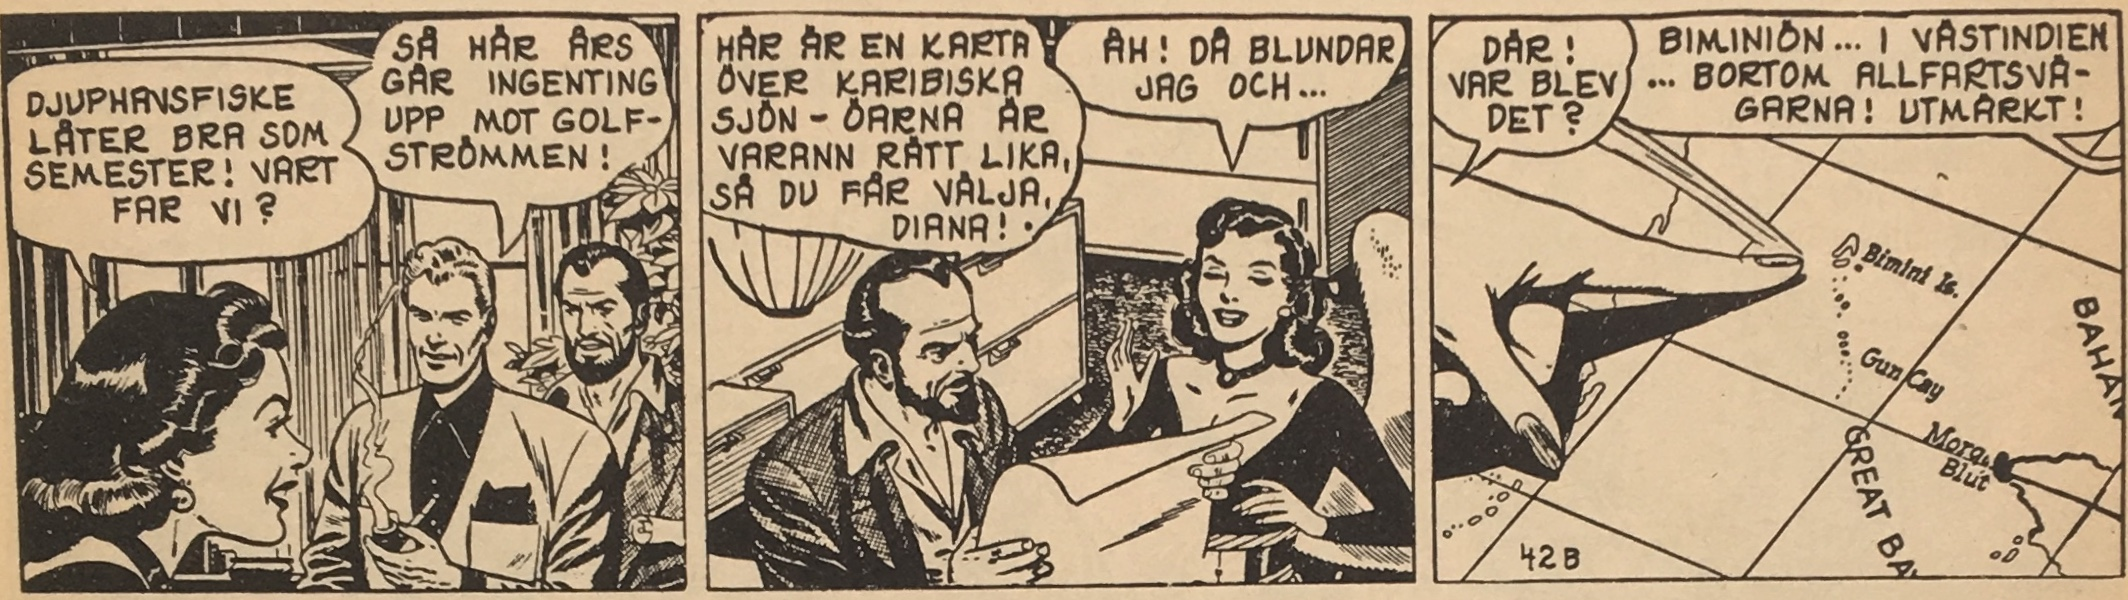 """En Blixt Gordon-stripp ur """"Atlantis, den sjunkna kontinenten"""", från 26 oktober 1953"""